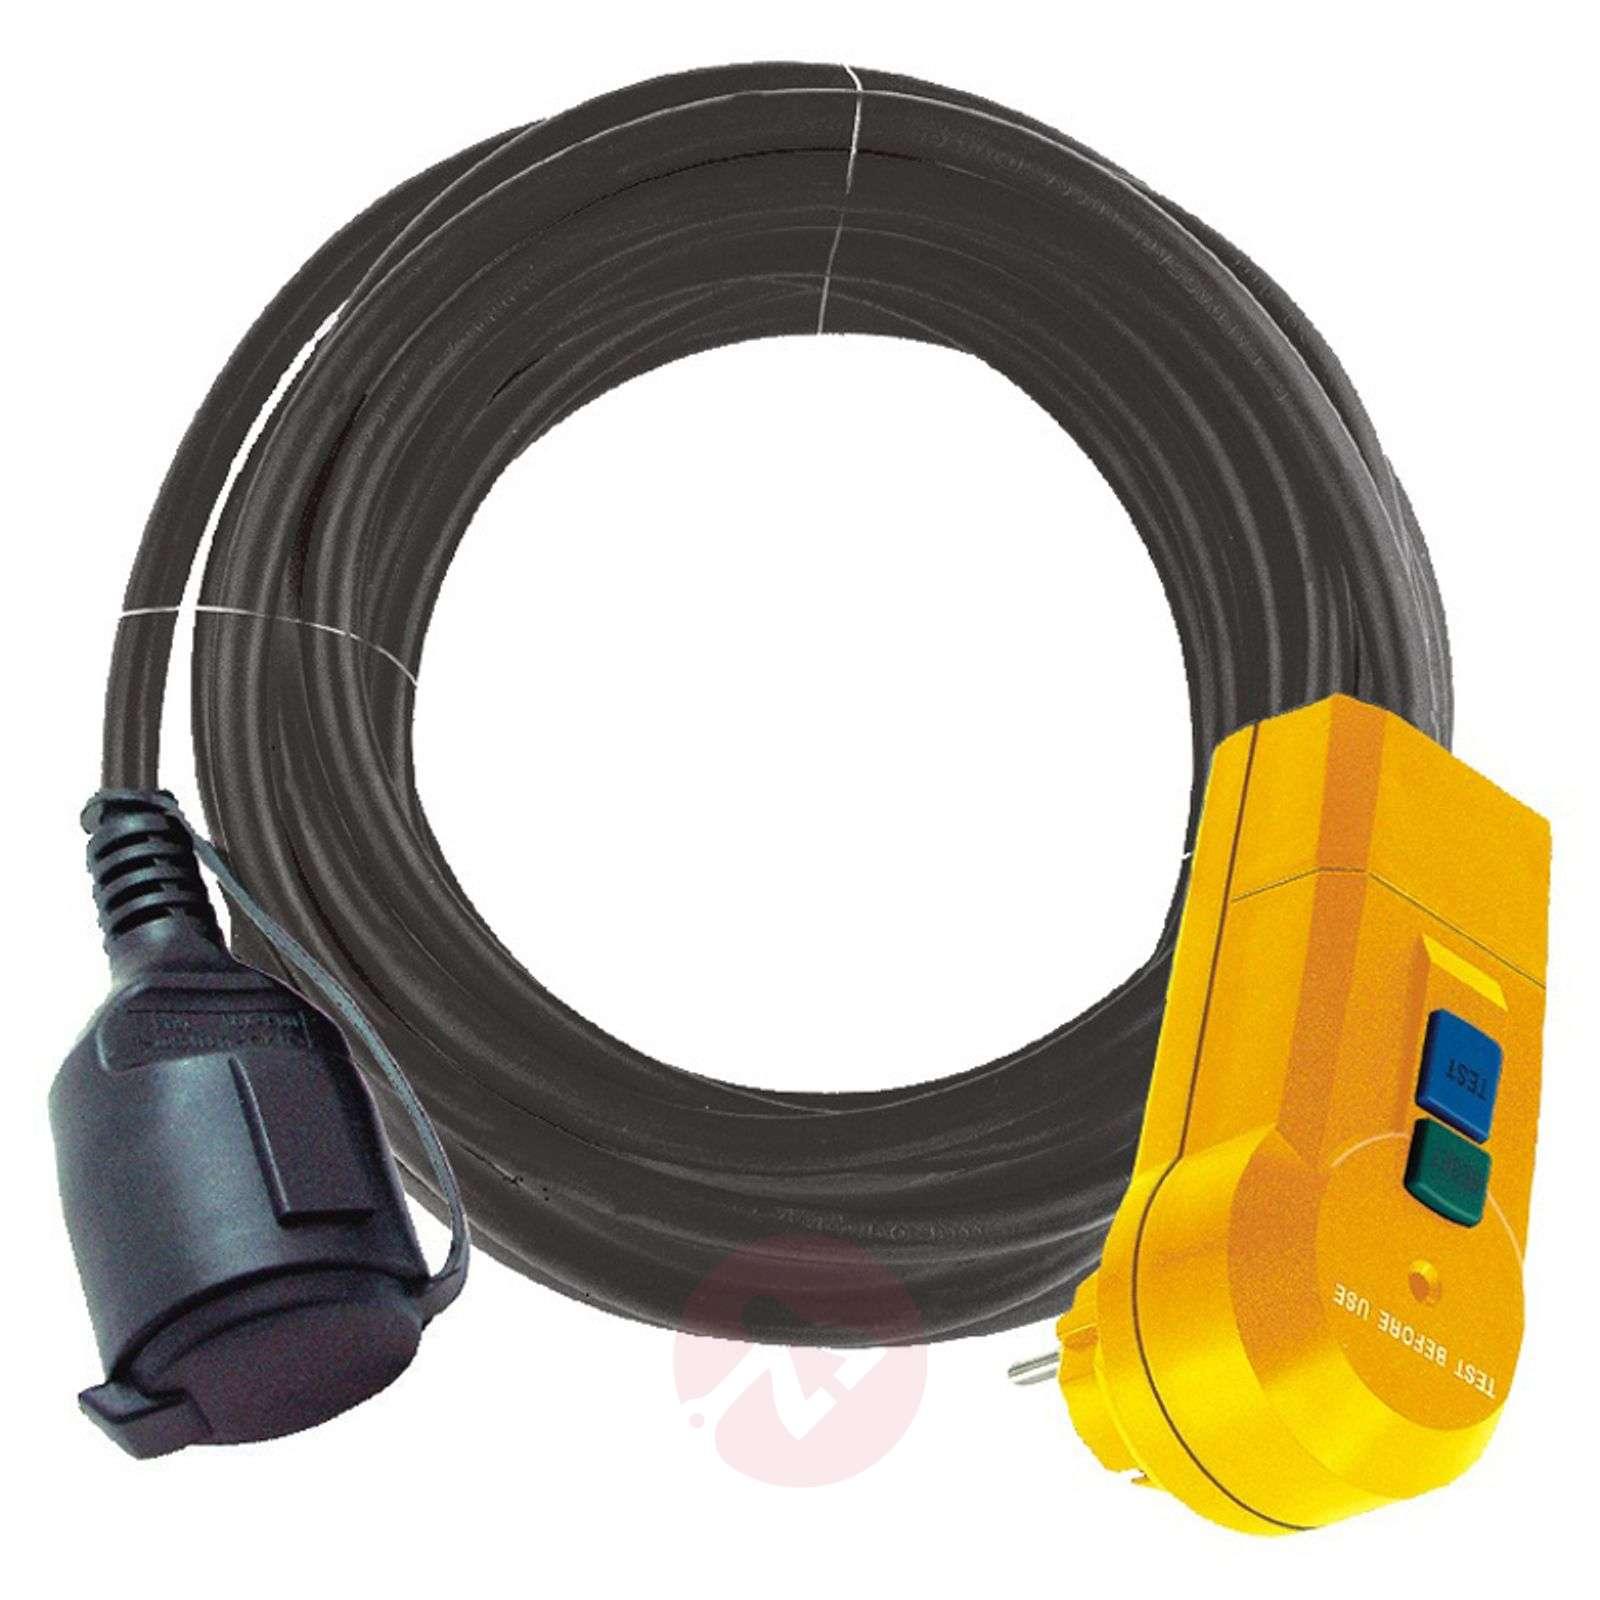 FI-suojasovitinjohto, IP44, ulkokäyttö-1540117-01